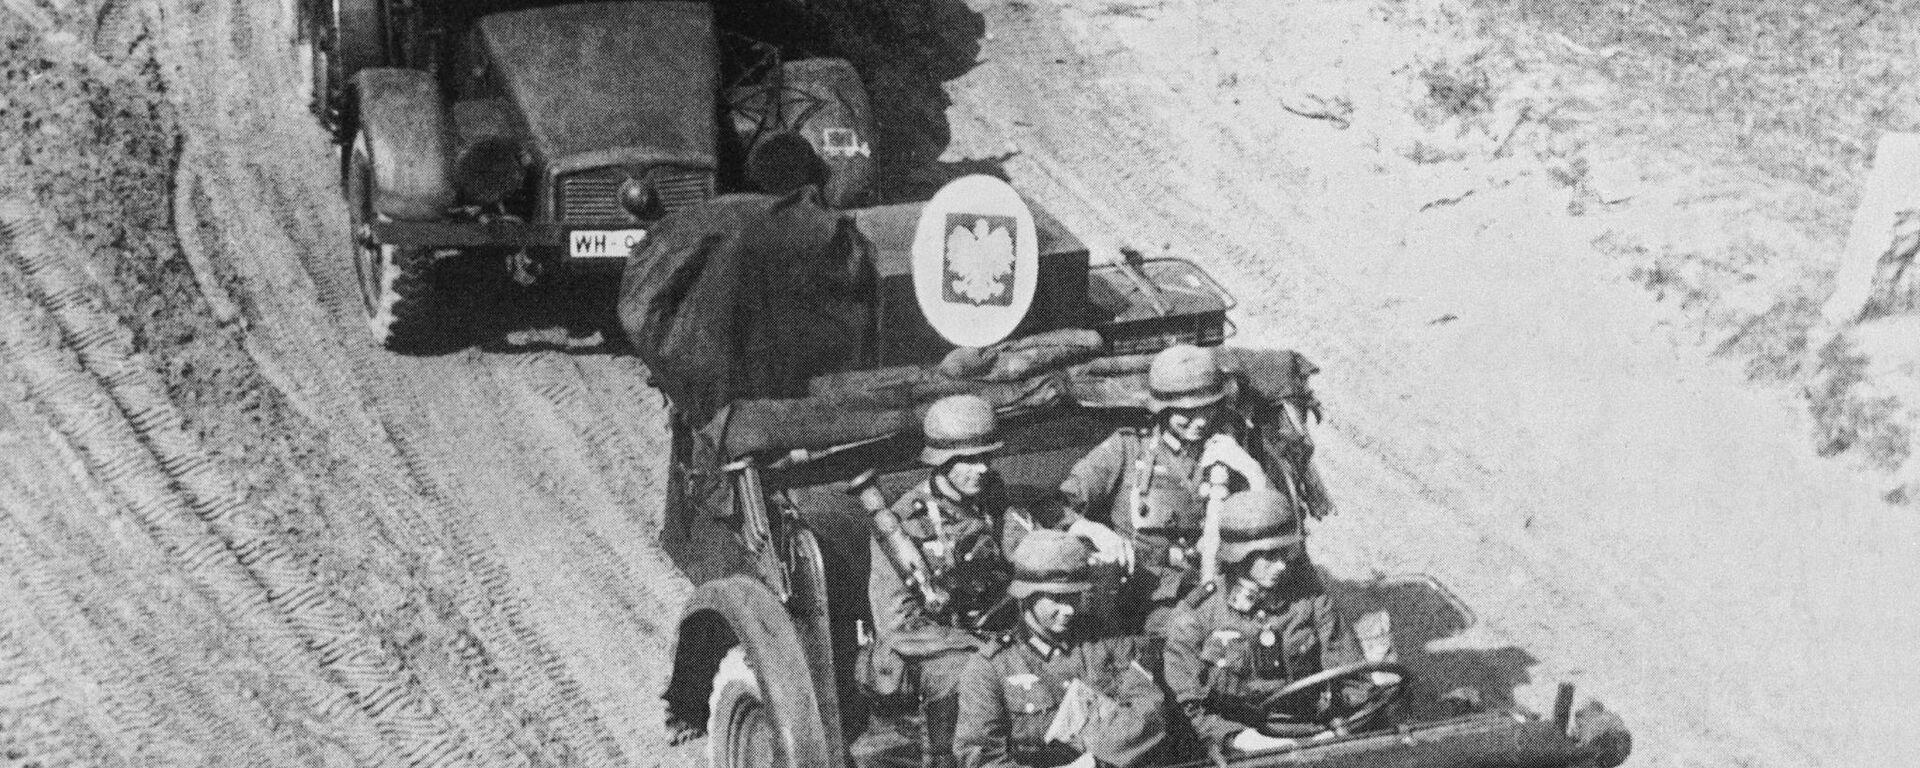 Wojska niemieckie atakują Polskę, rozpoczynając II wojnę światową w Europie - Sputnik Polska, 1920, 13.02.2021